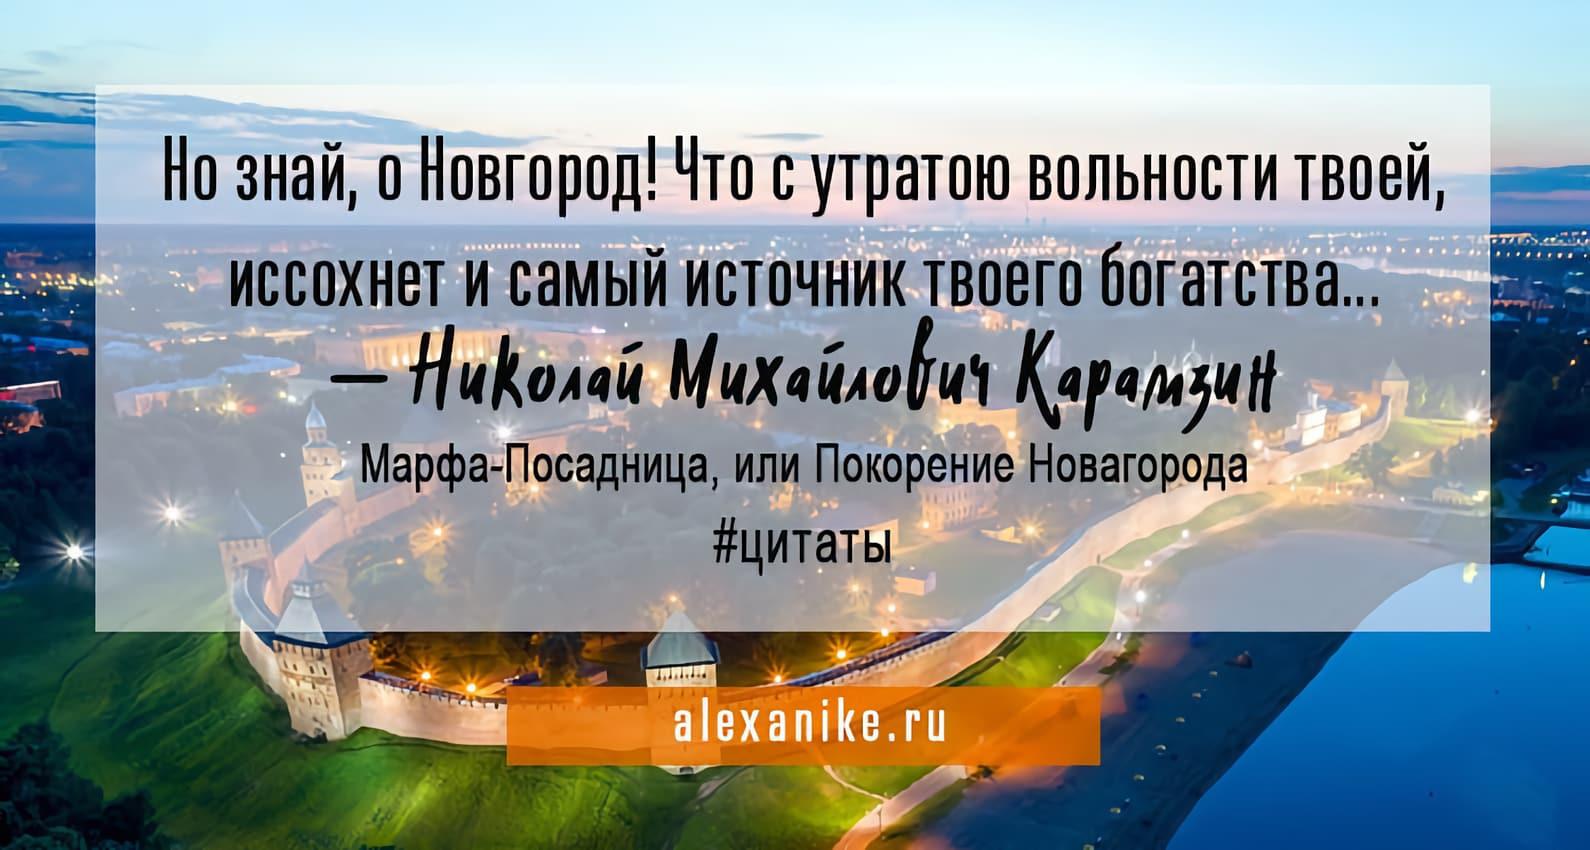 Ганзейским дням в Великом Новгороде посвящается